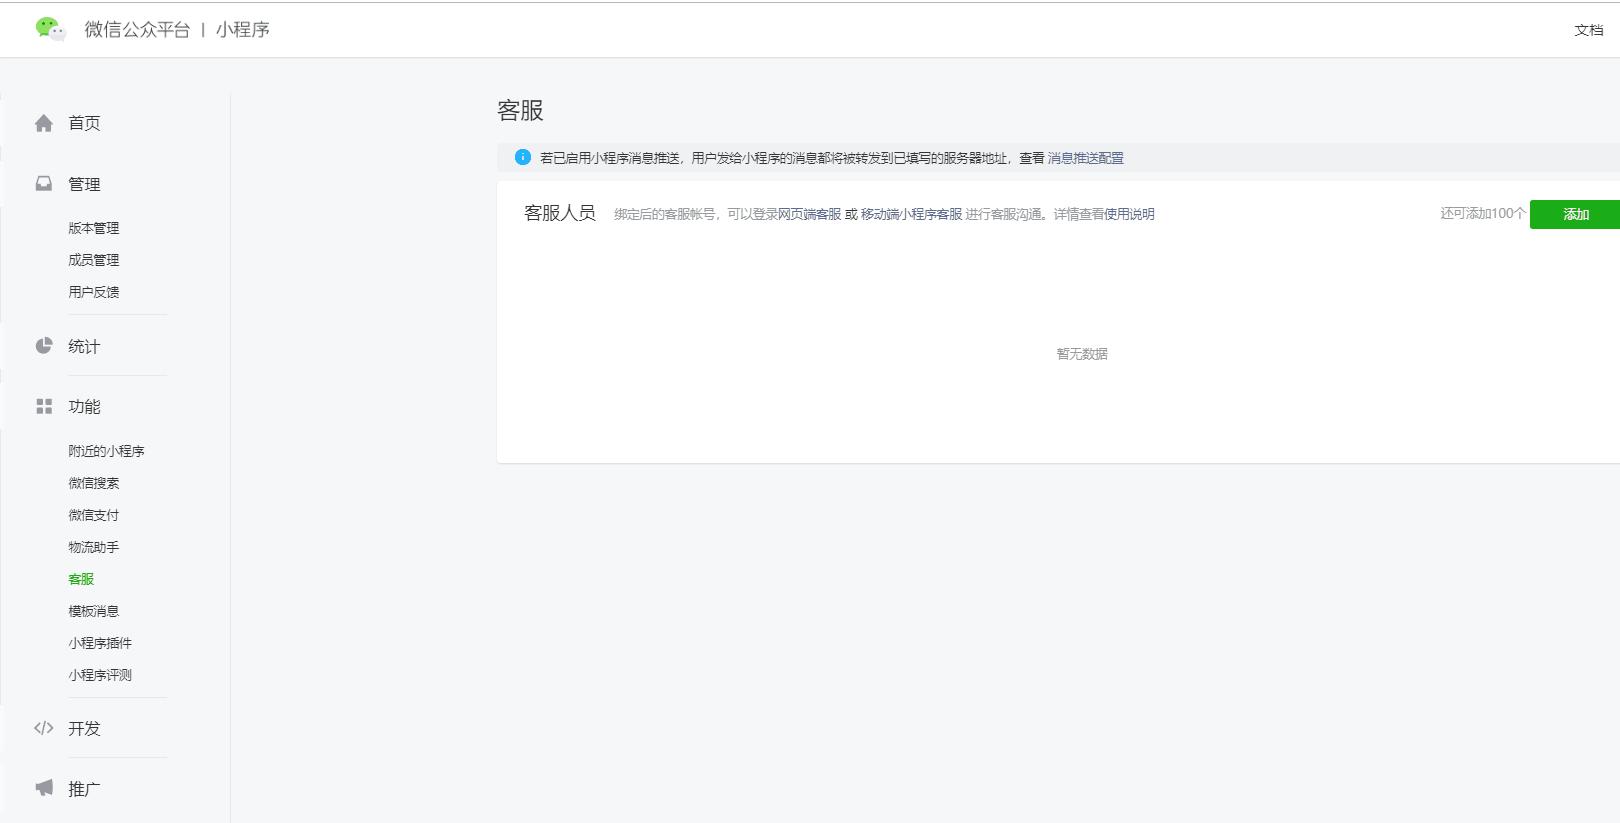 小程序微信客服-银豹博客